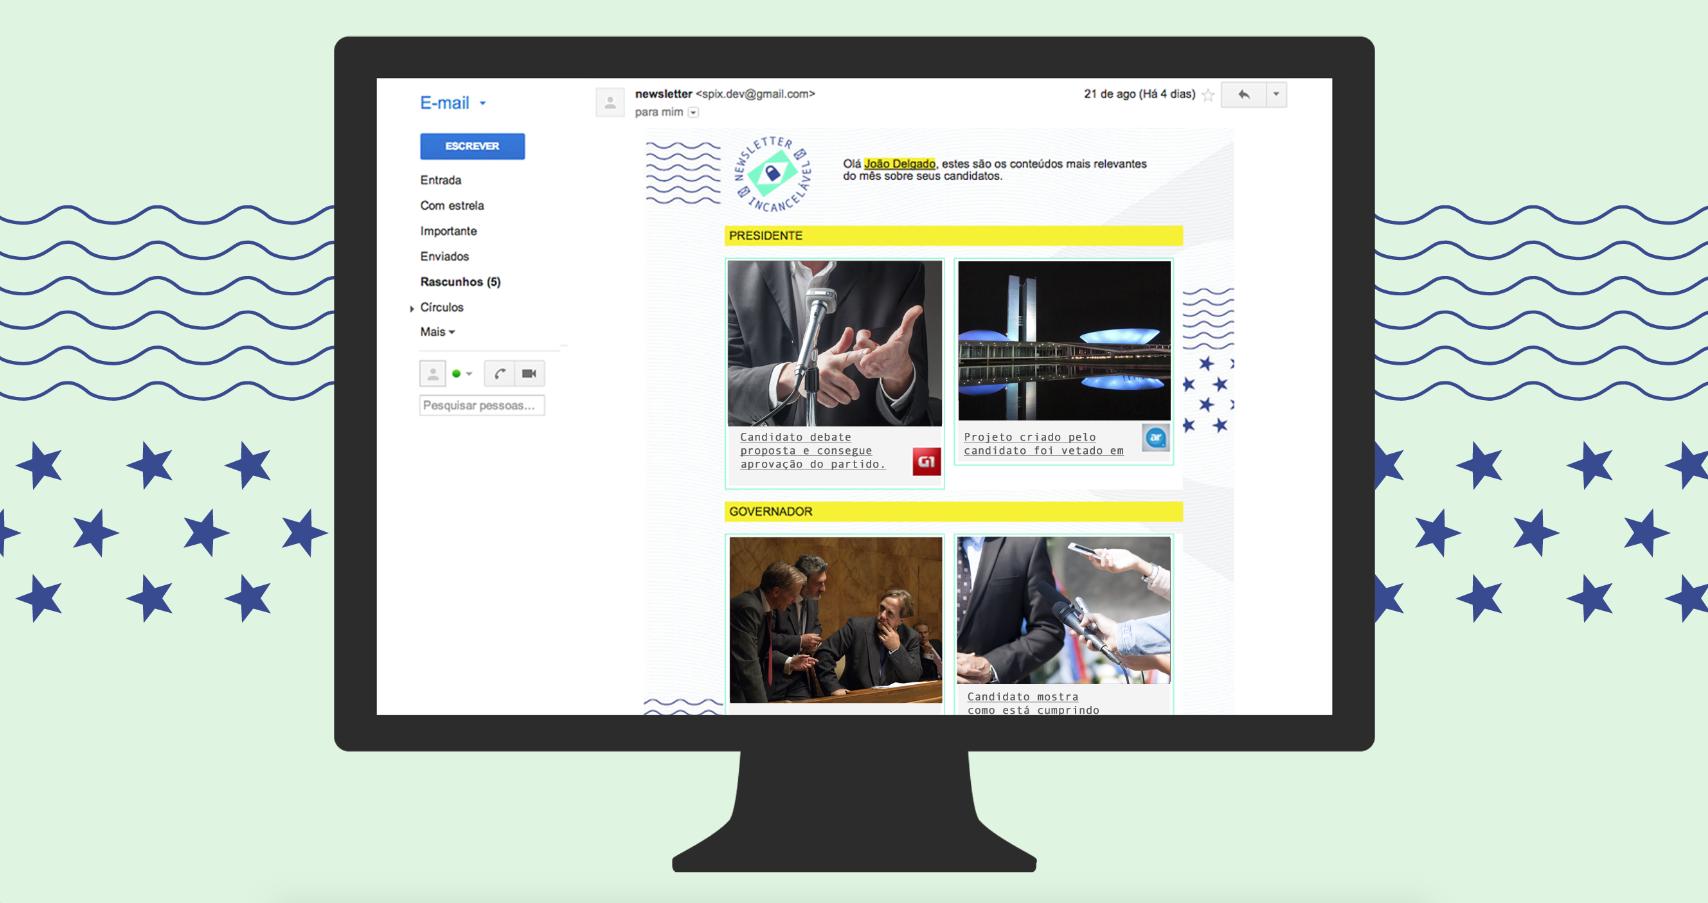 Newsletter chega uma vez por mês e conta com poderosos algoritmos para curadoria de conteúdo (Foto: Divulgação)